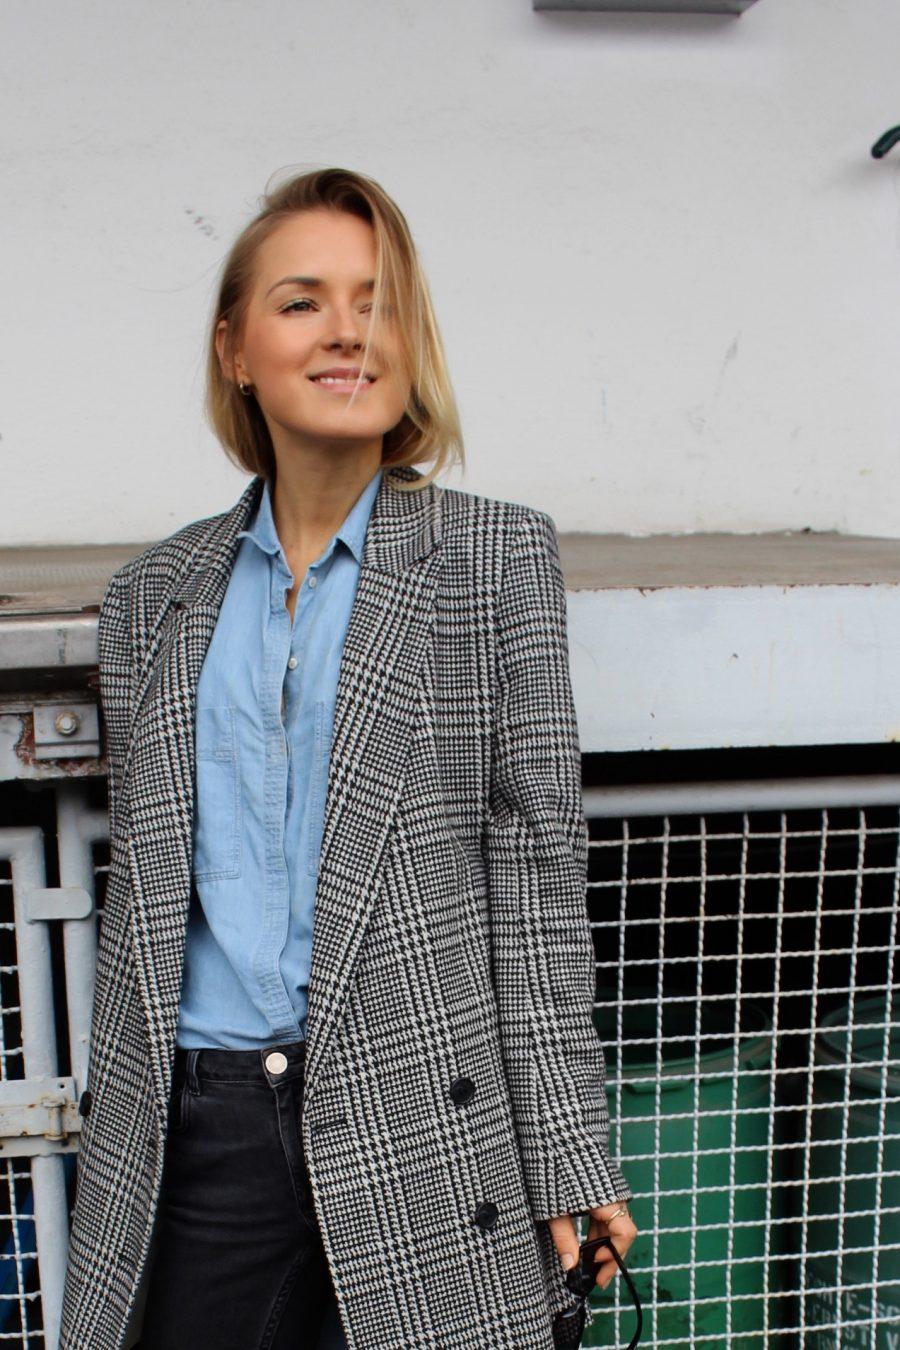 Power suit H&M trend